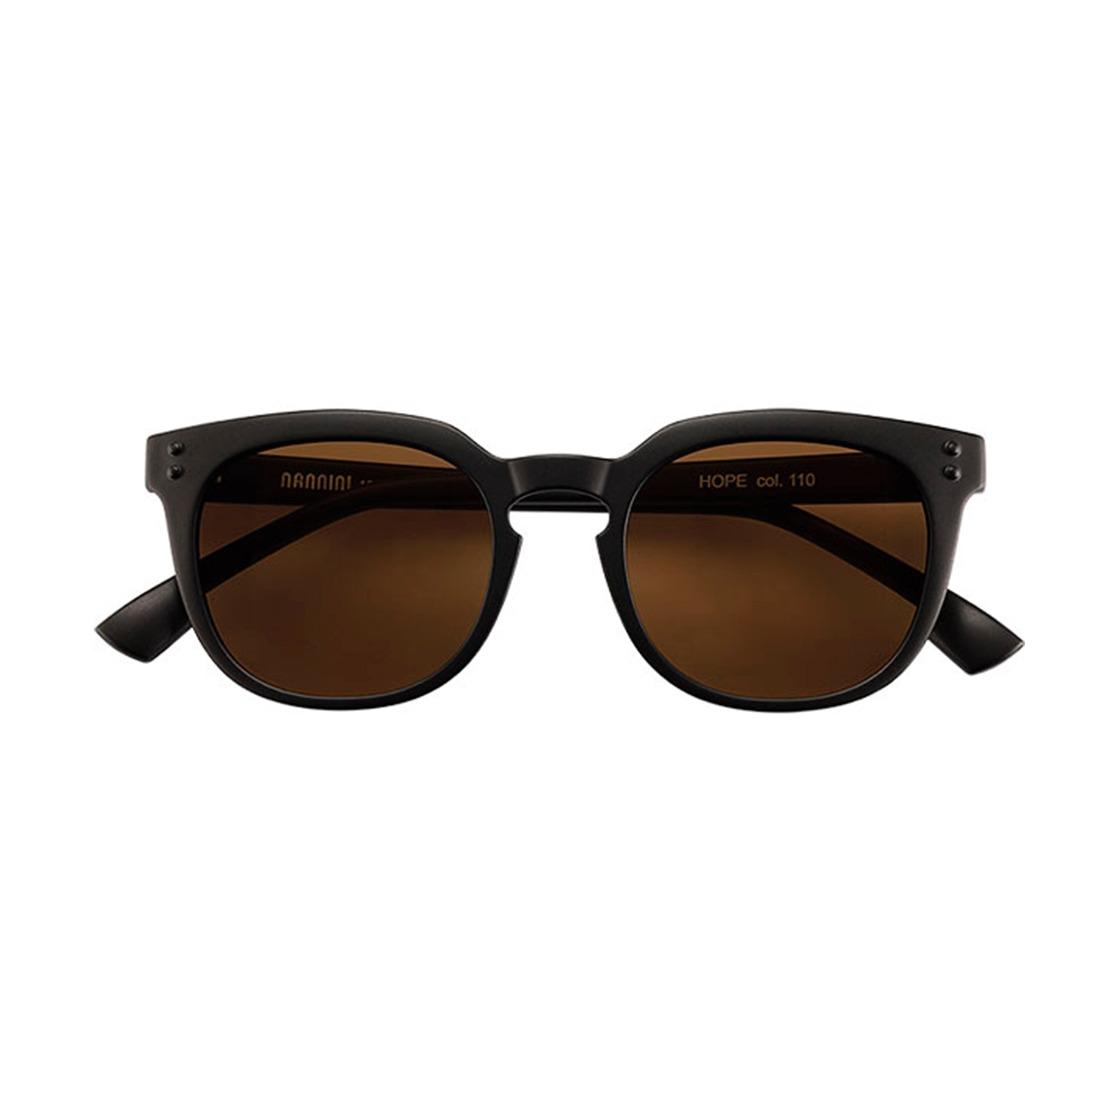 54913aaca0 Lentes Nannini Gafas De Sol Hope - $ 2,279.00 en Mercado Libre